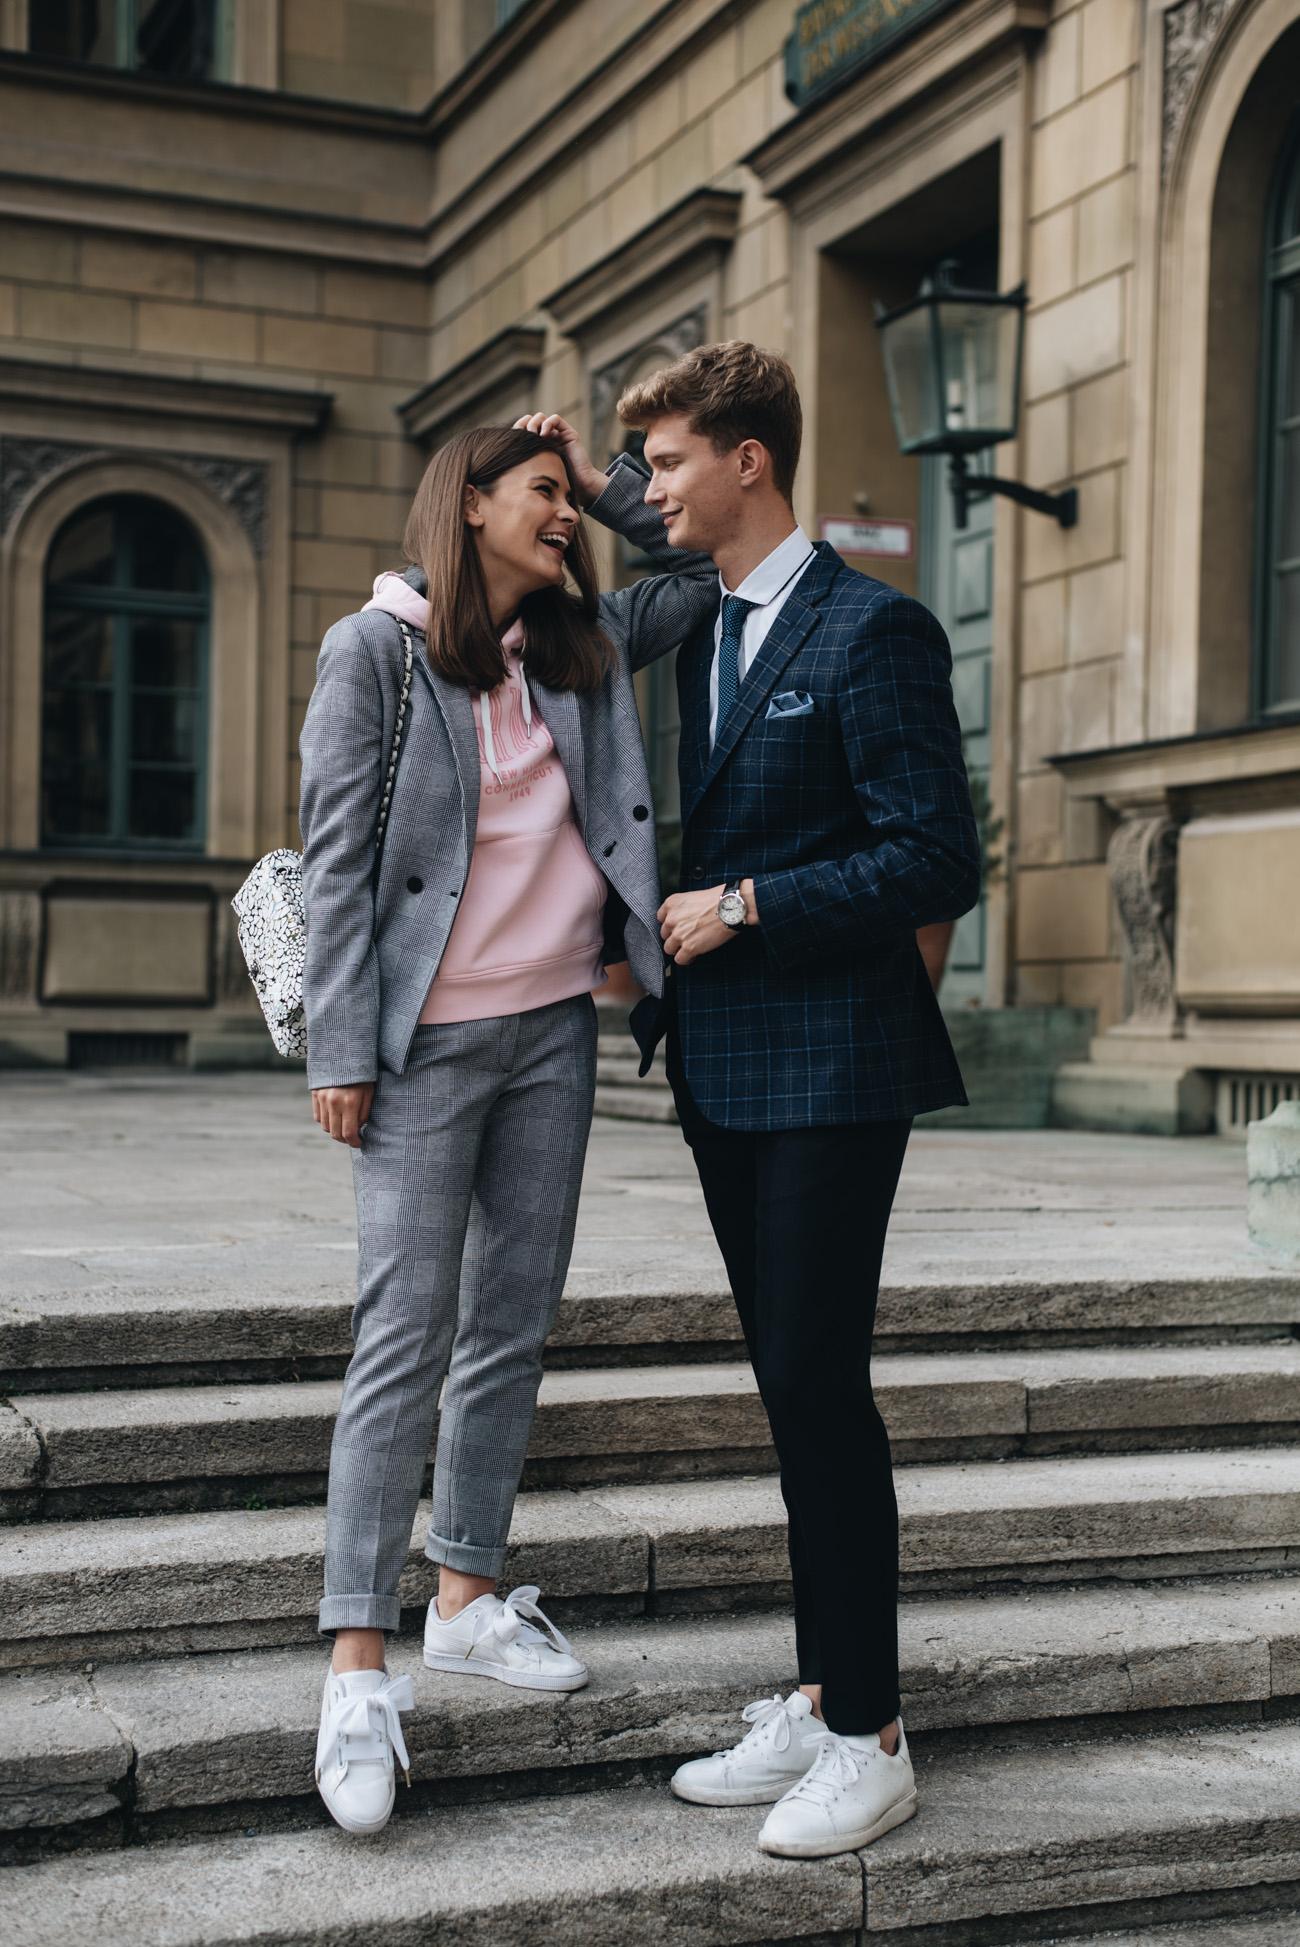 blogger-pärchen-deutschland-münchen-blogger-couple-mode-lifestyle-fashiioncarpet-nina-schwichtenberg-patrick-kahlo